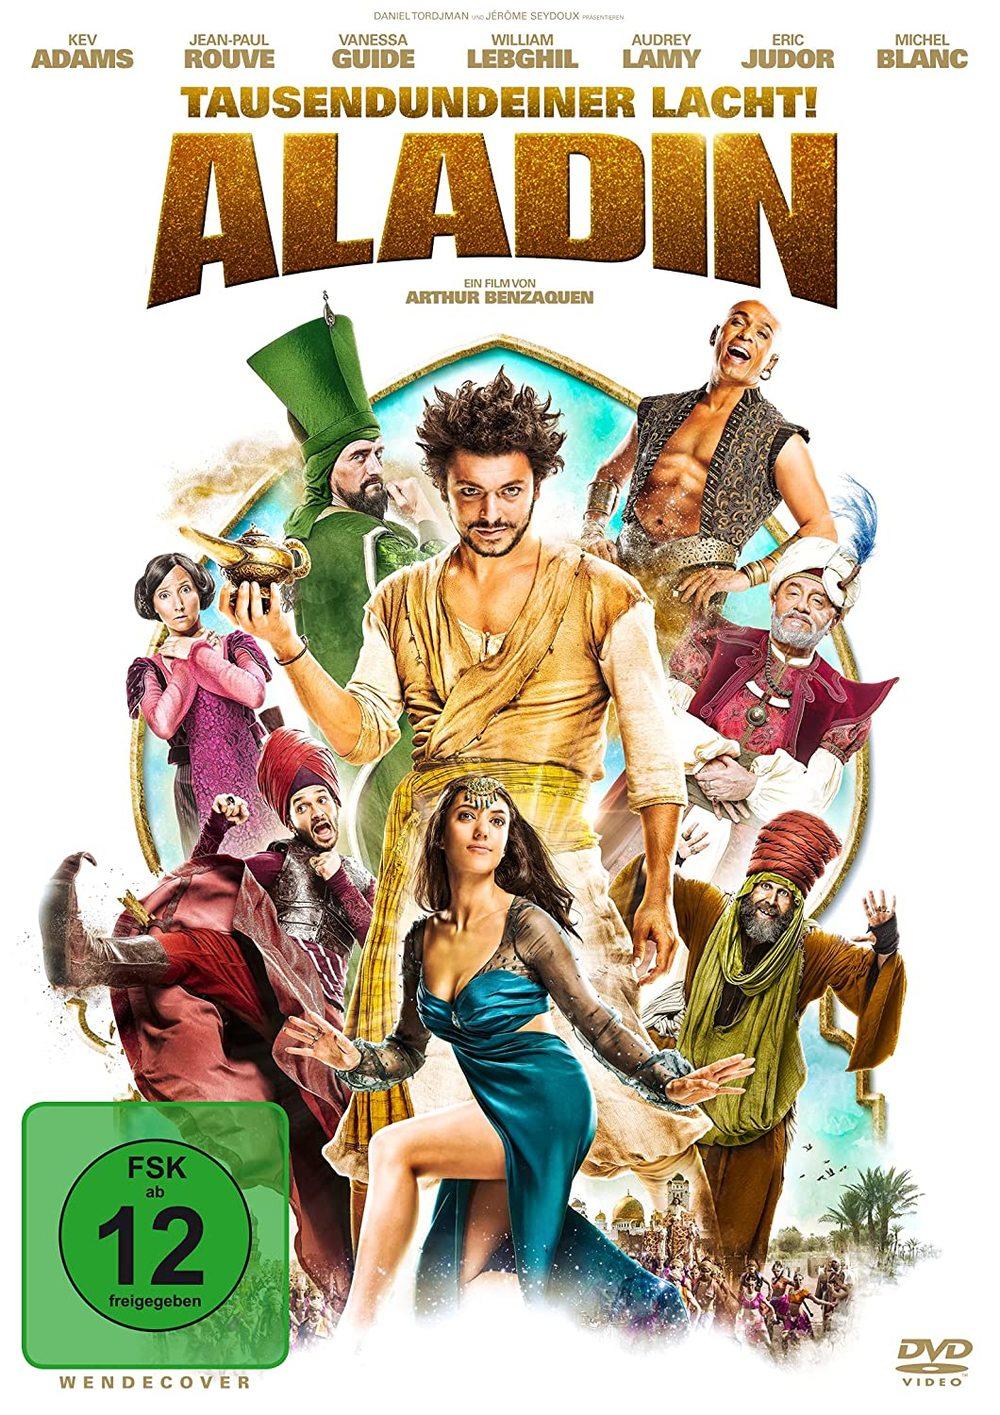 """Märchenhafter Klamauk: Wir verlosen die Abenteuerkomödie """"Aladin - Tausendundeiner lacht!"""" auf DVD"""